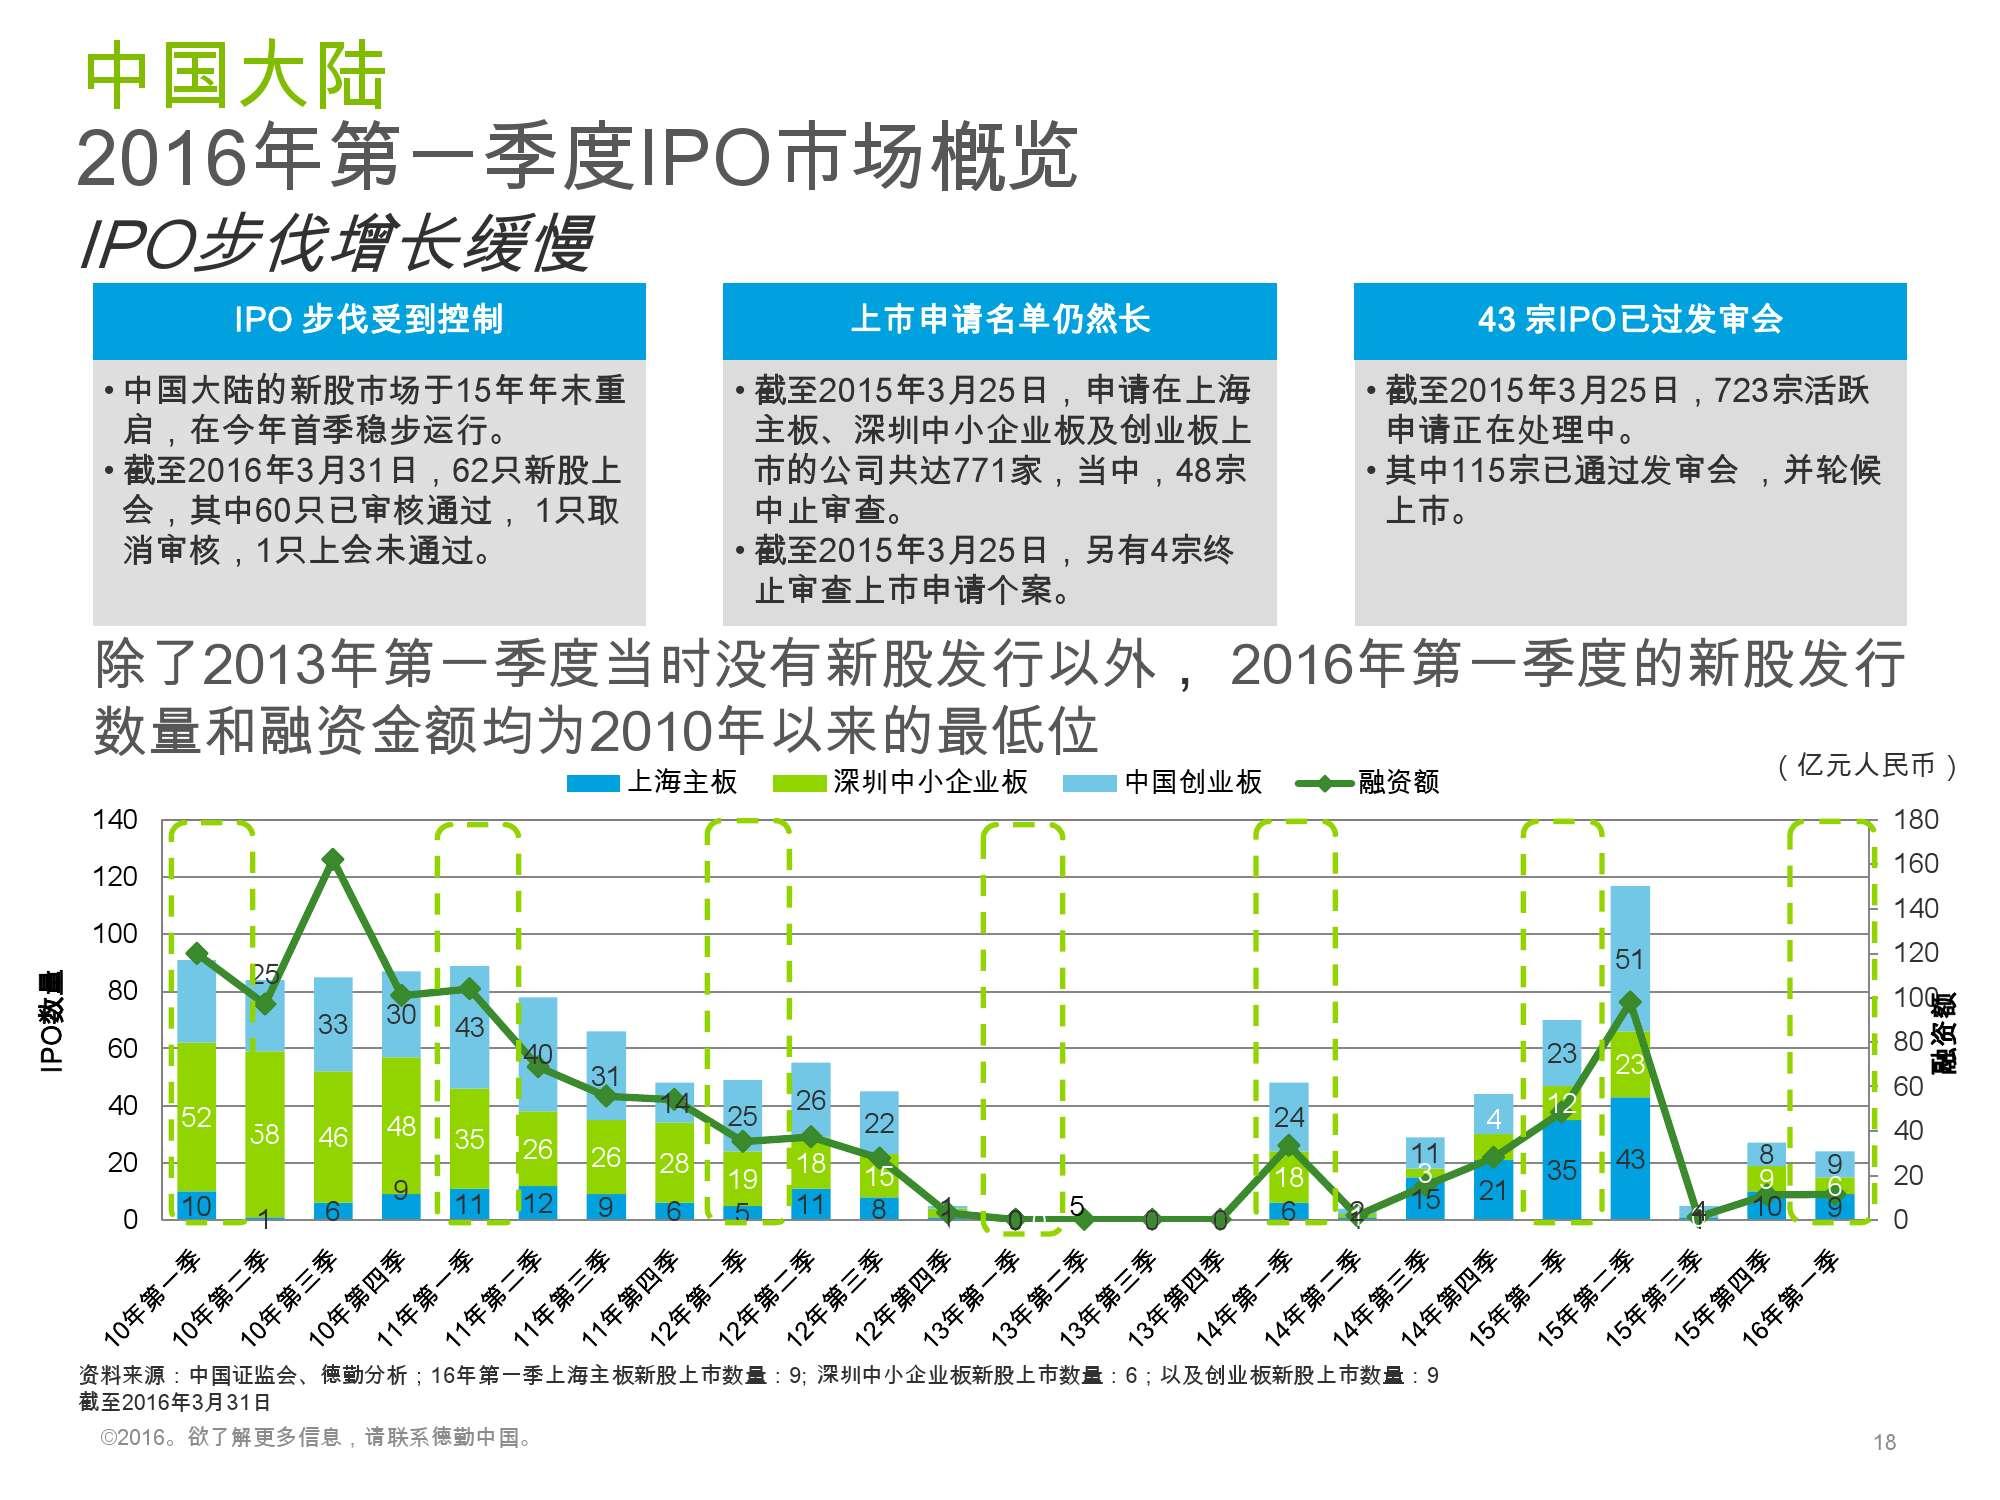 香港及中国大陆IPO市场2016年1季度_000018